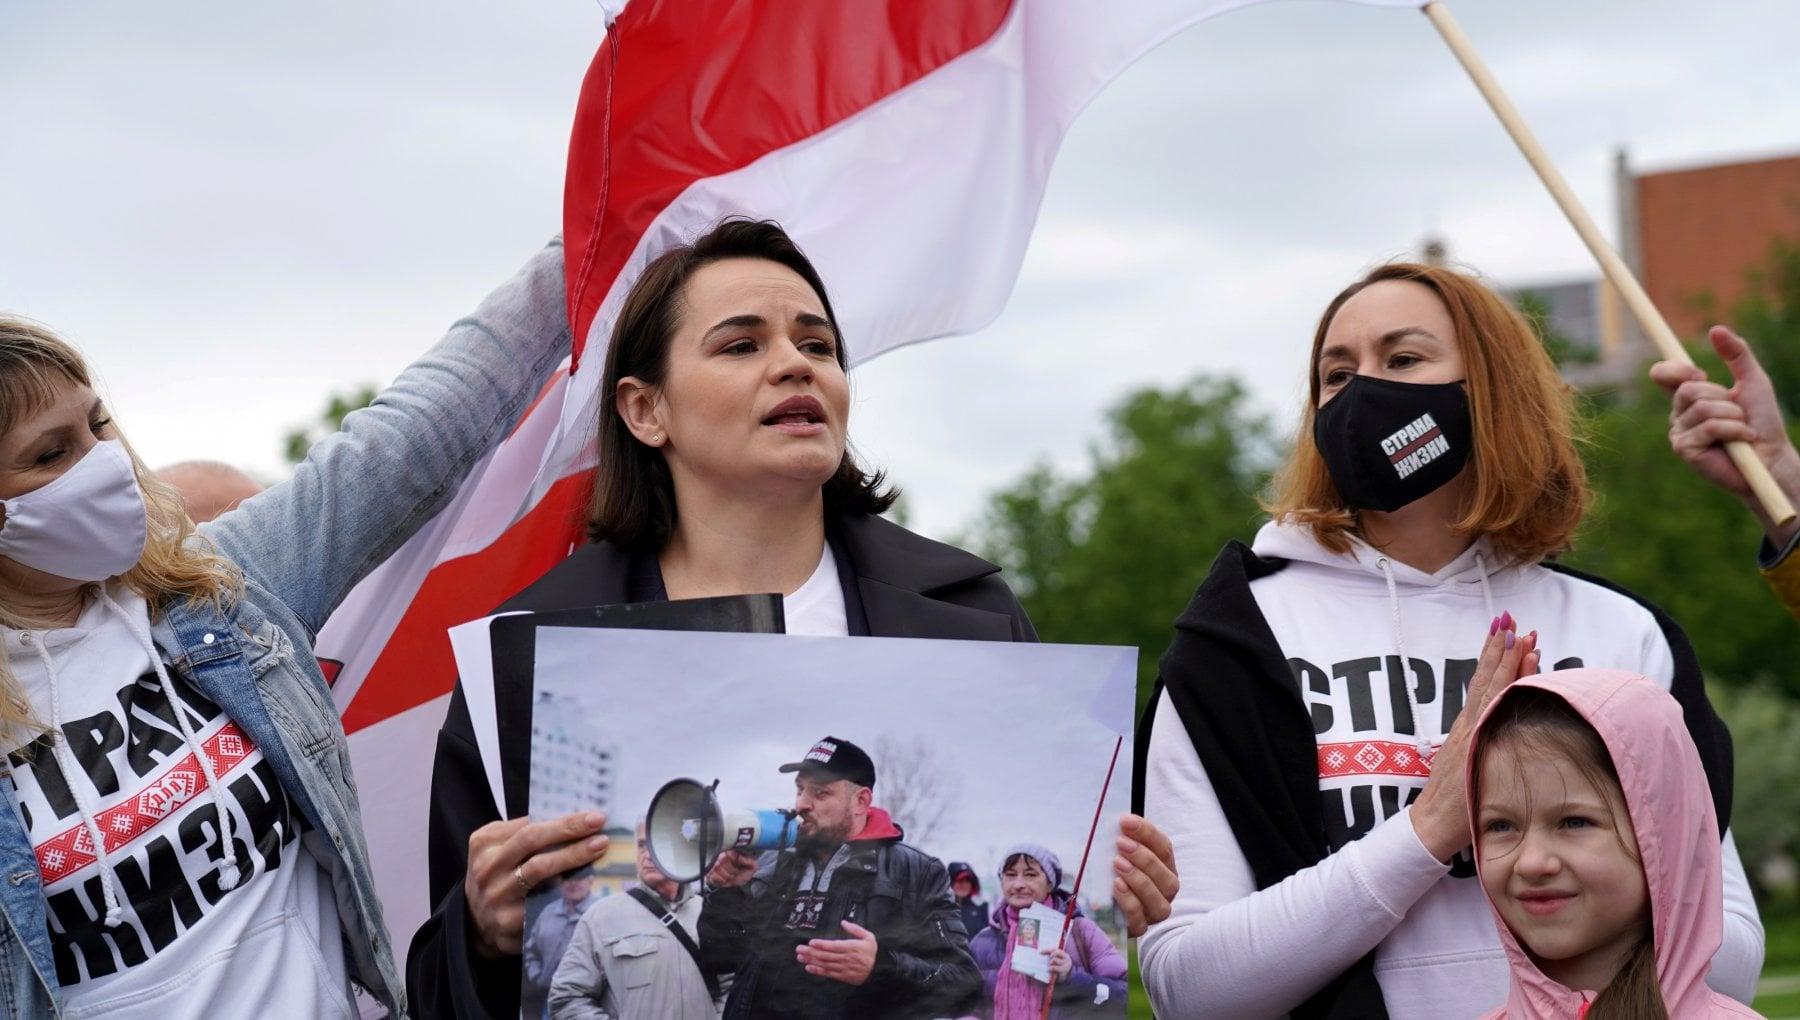 """224708826 cbd79dba b295 4f0d b7ba 301e2fd33b8e - A Vilnius, capitale della resistenza: """"Noi contro Lukashenko e Putin"""""""